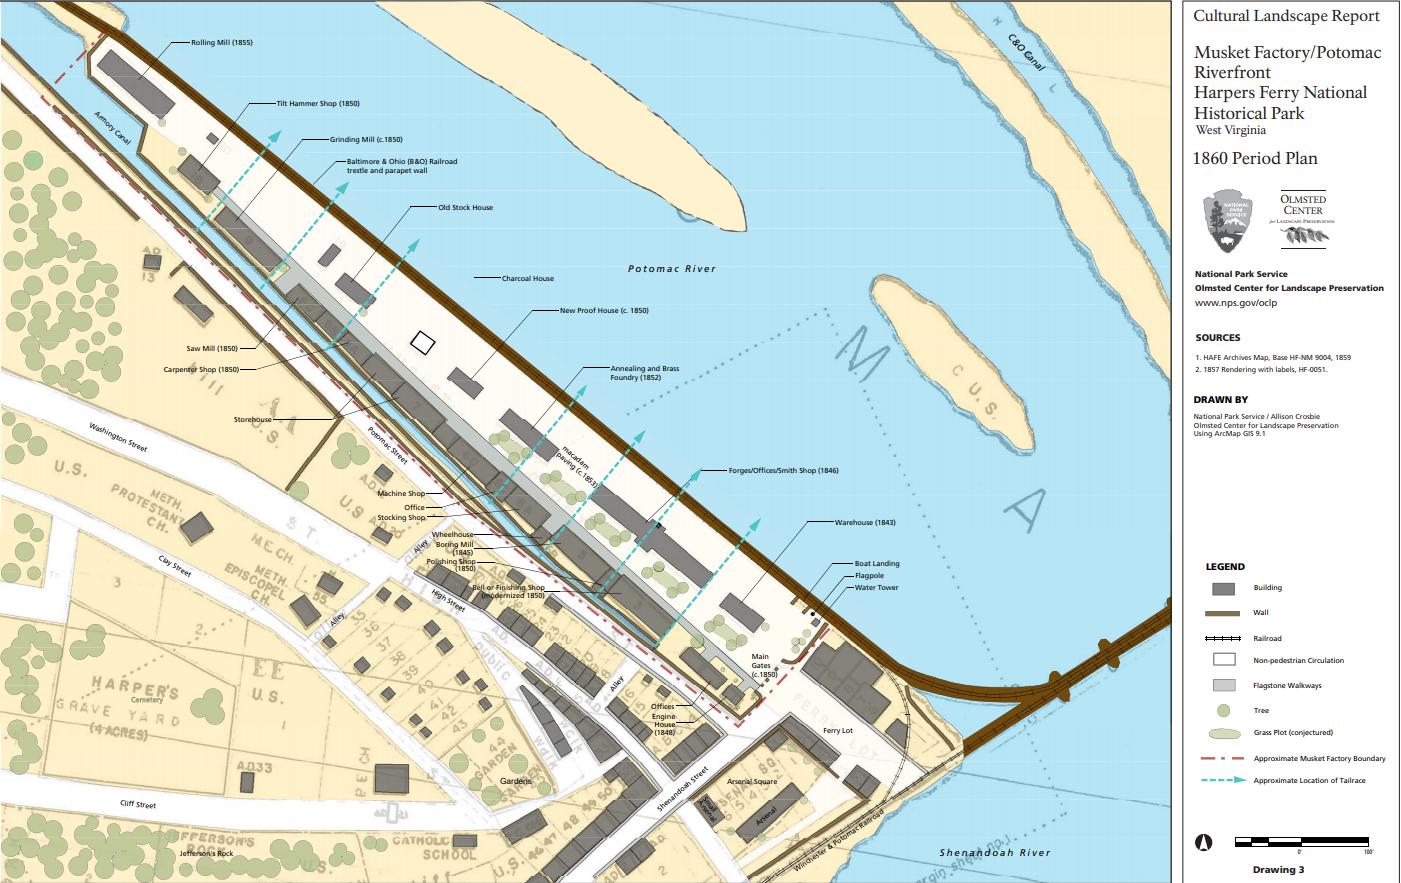 Ecoregion, Infrastructure, Map, Land lot